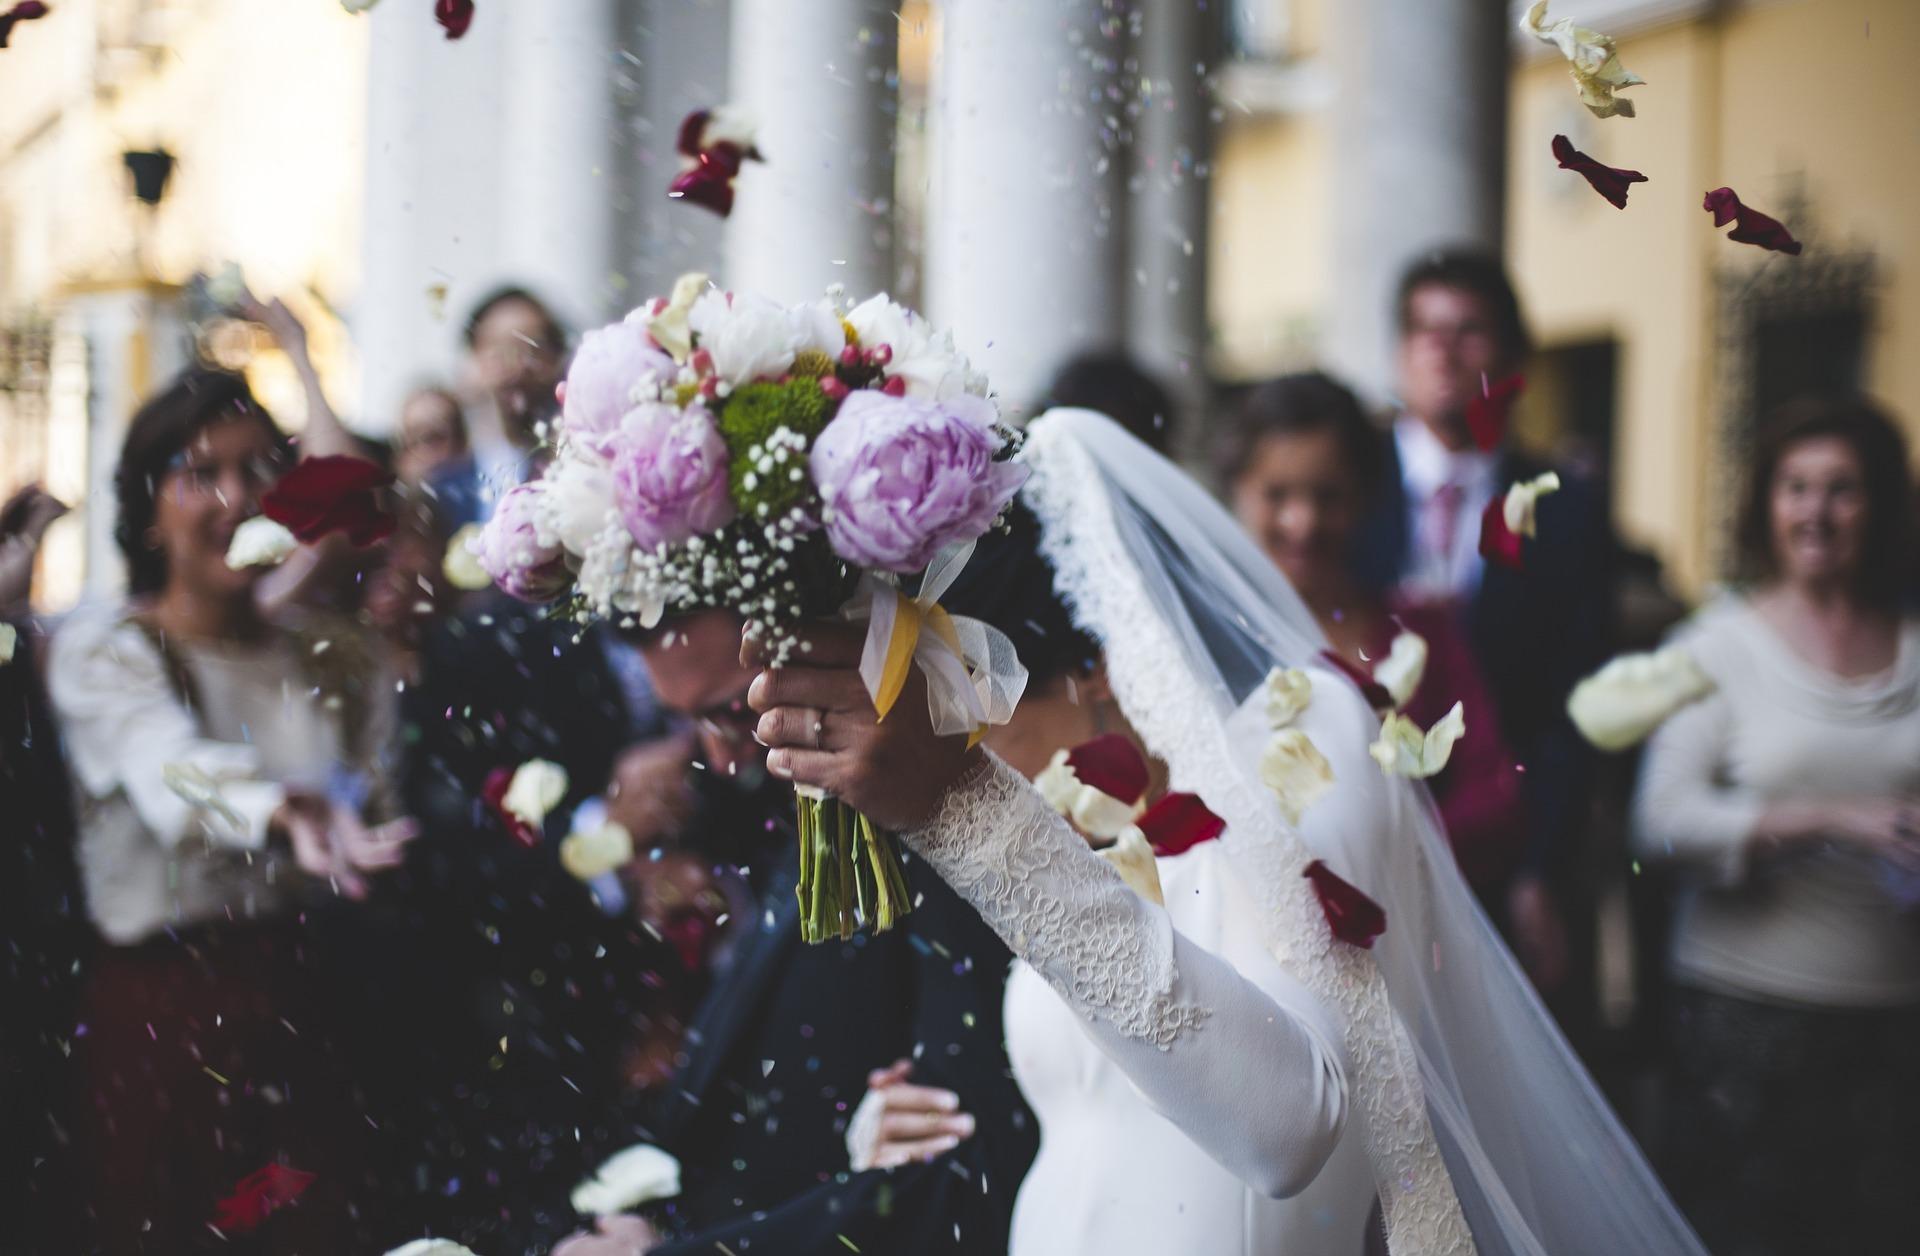 Mariage : le lancer de riz, une tradition en péril ?